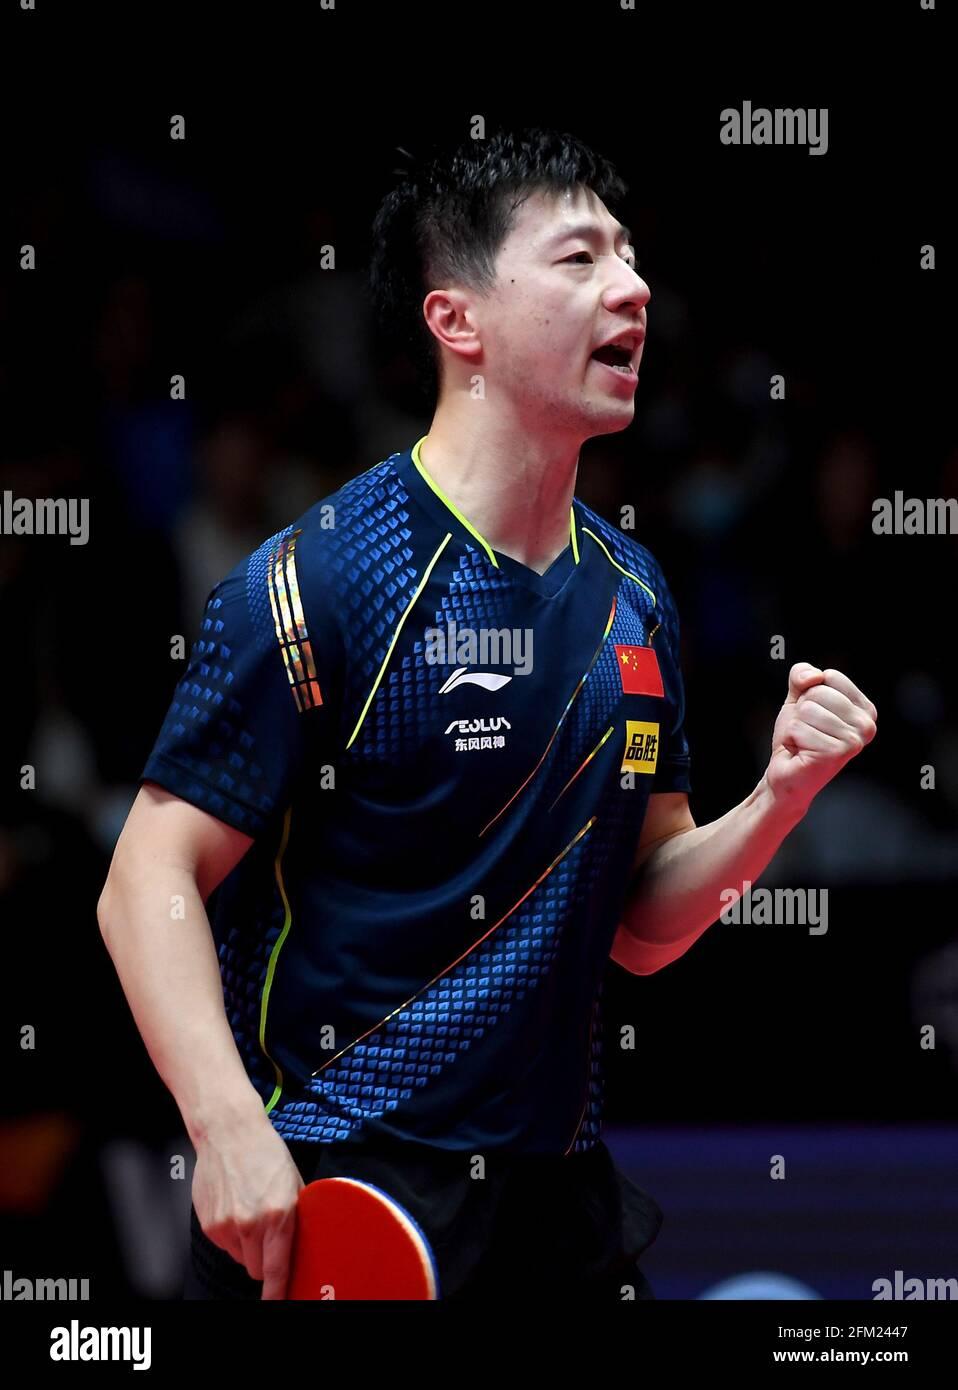 Xinxiang, province chinoise du Henan. 5 mai 2021. Ma long fête lors de la quart-finale des célibataires hommes contre Fang Bo lors des essais de Grand smashes de WTT (World Table tennis) 2021 et de la simulation olympique à Xinxiang, dans la province du Henan, au centre de la Chine, le 5 mai 2021. Credit: Li Jianan/Xinhua/Alamy Live News Banque D'Images